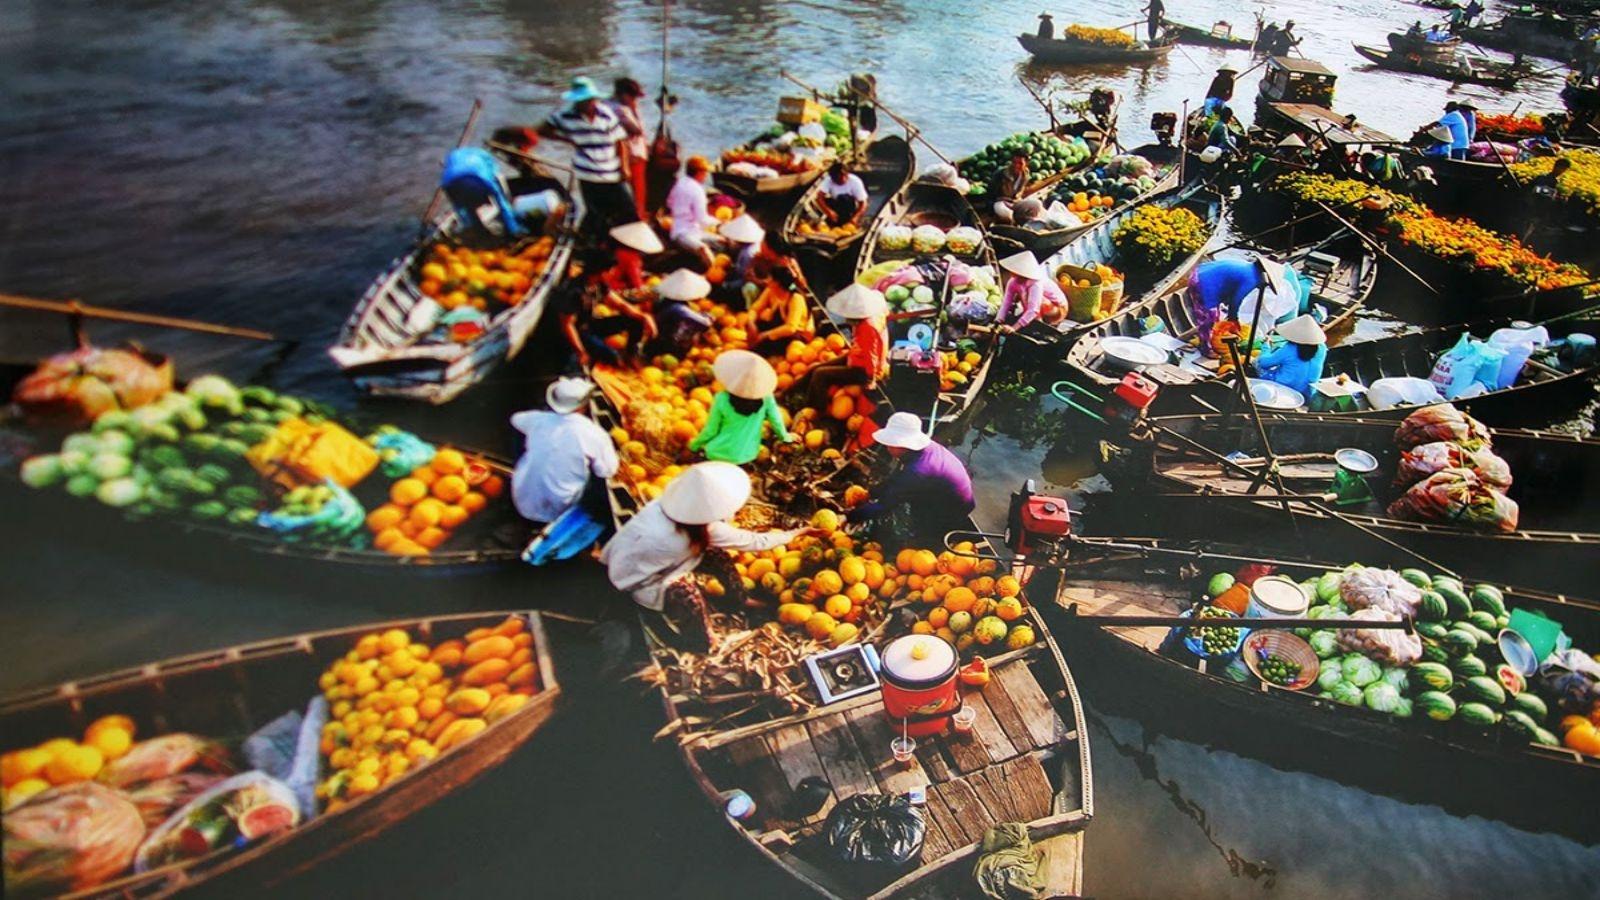 Trái cây tươi được bày bán ở chợ nổi miền Tây